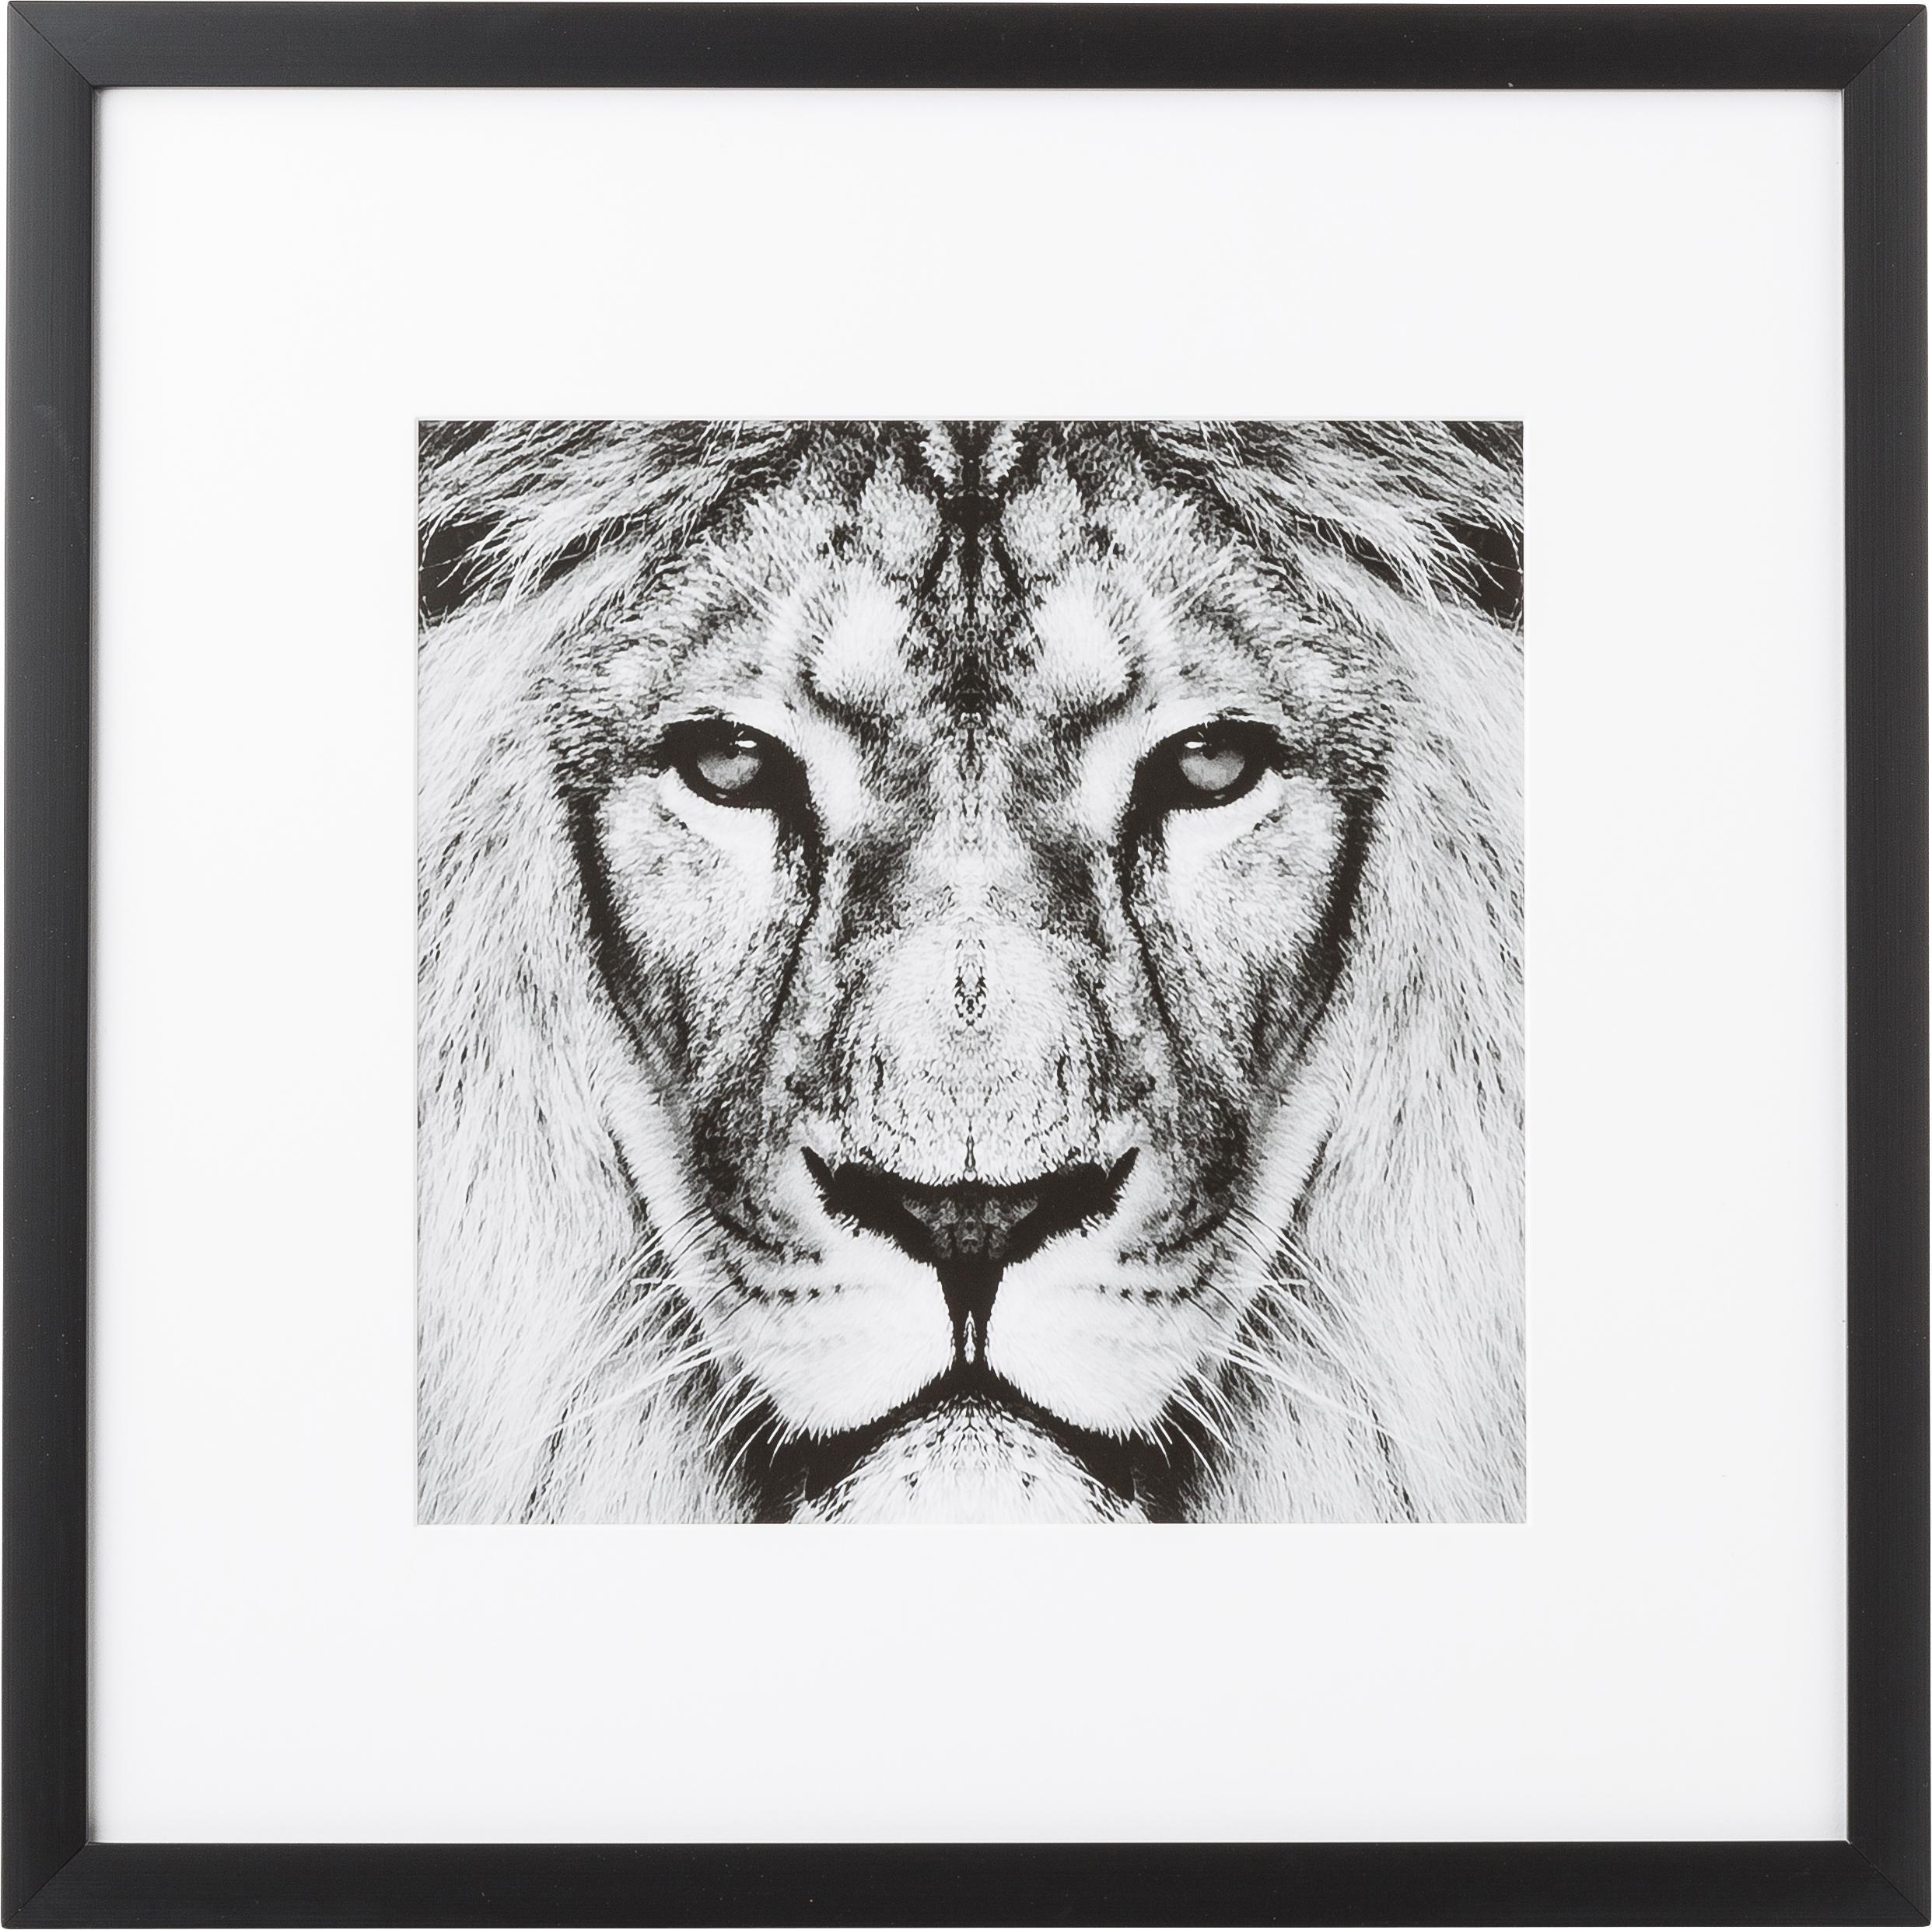 Gerahmter Digitaldruck Lion Close Up, Bild: Digitaldruck, Rahmen: Kunststoffrahmen mit Glas, Schwarz,Weiss, 40 x 40 cm